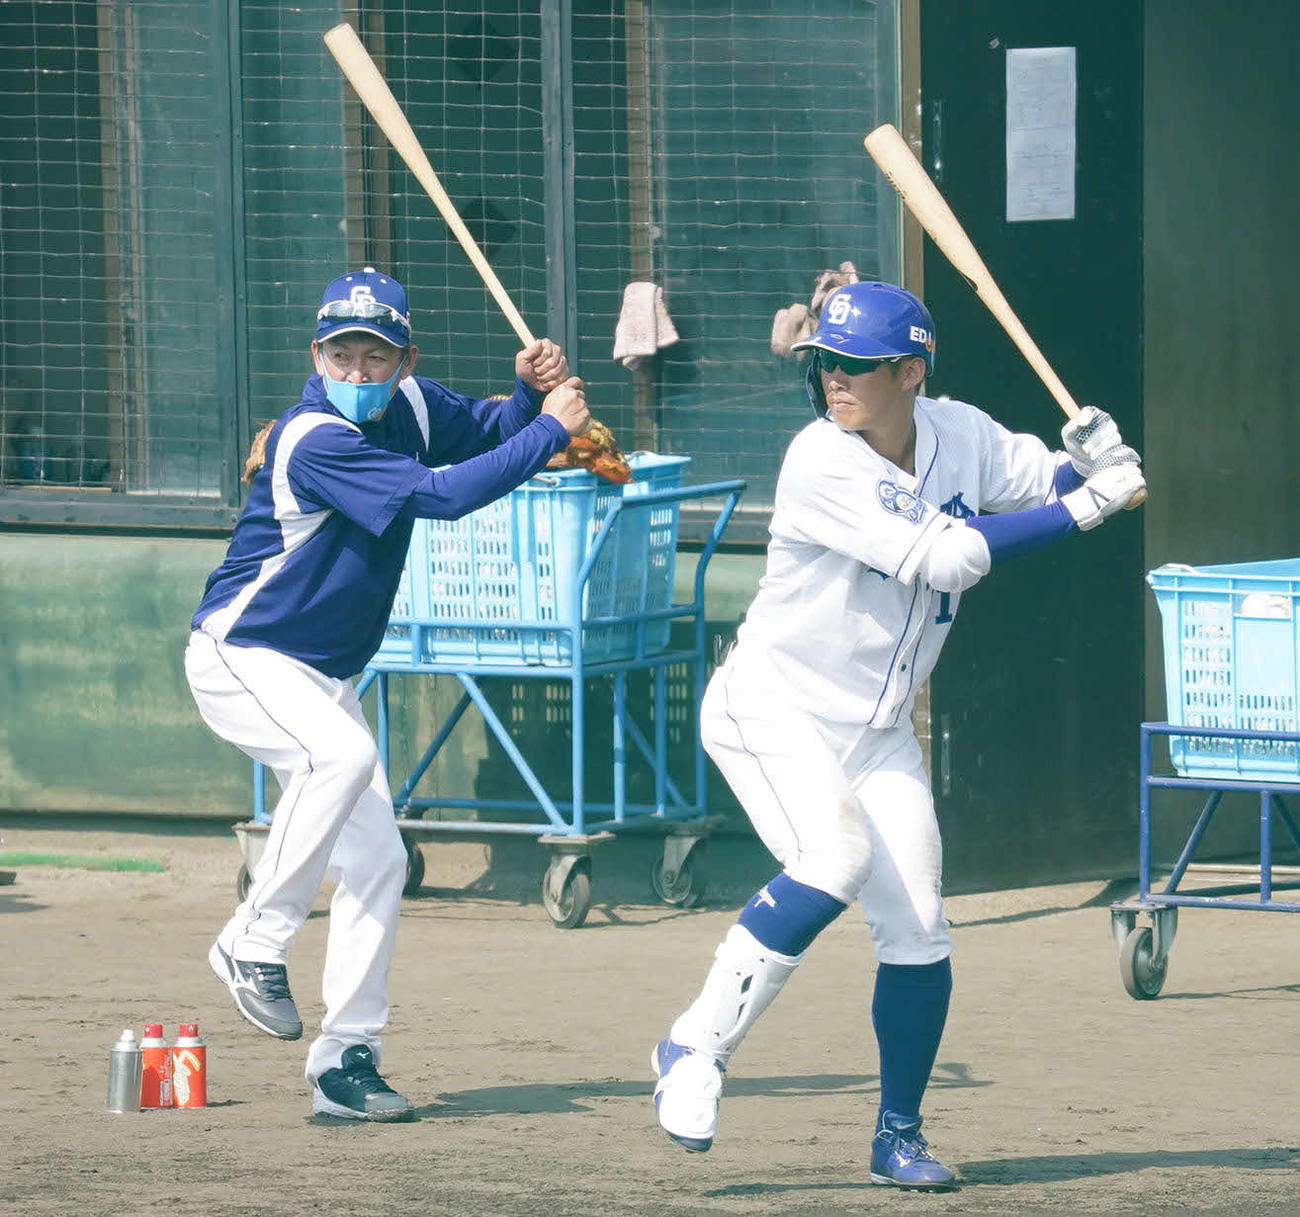 シート打撃練習で打席を待つ中日京田(右)にアドバイスをする立浪臨時コーチ(2021年2月7日撮影)